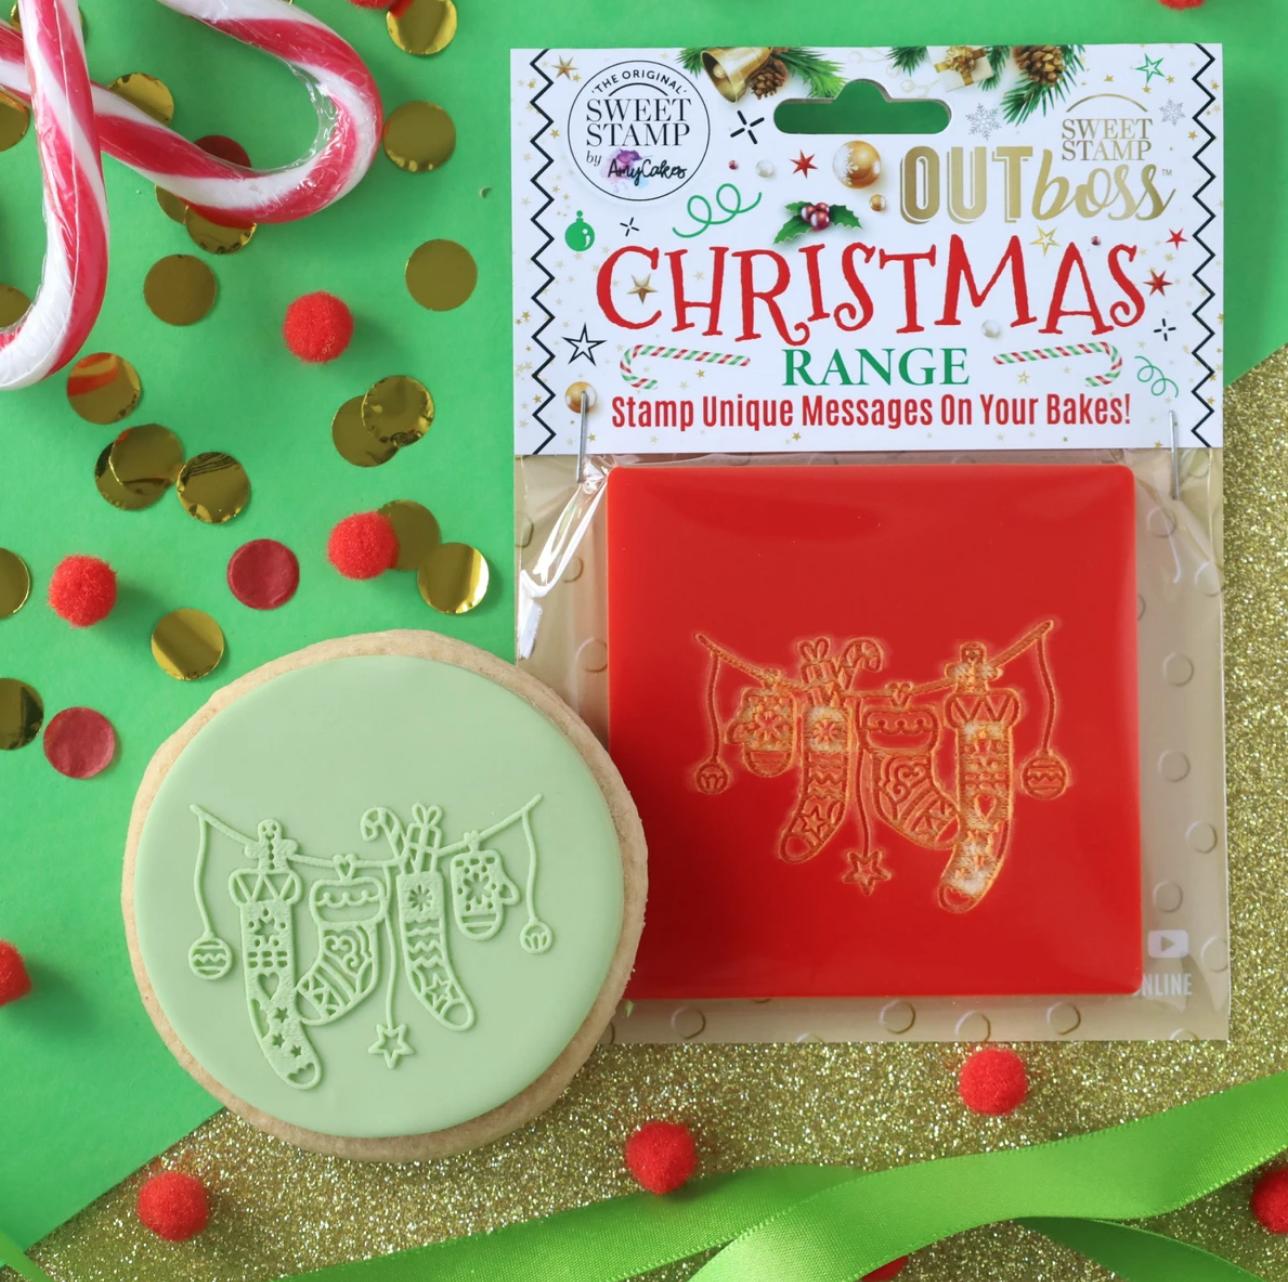 OUTBOSS CHRISTMAS - CHRISTMAS STOCKINGS